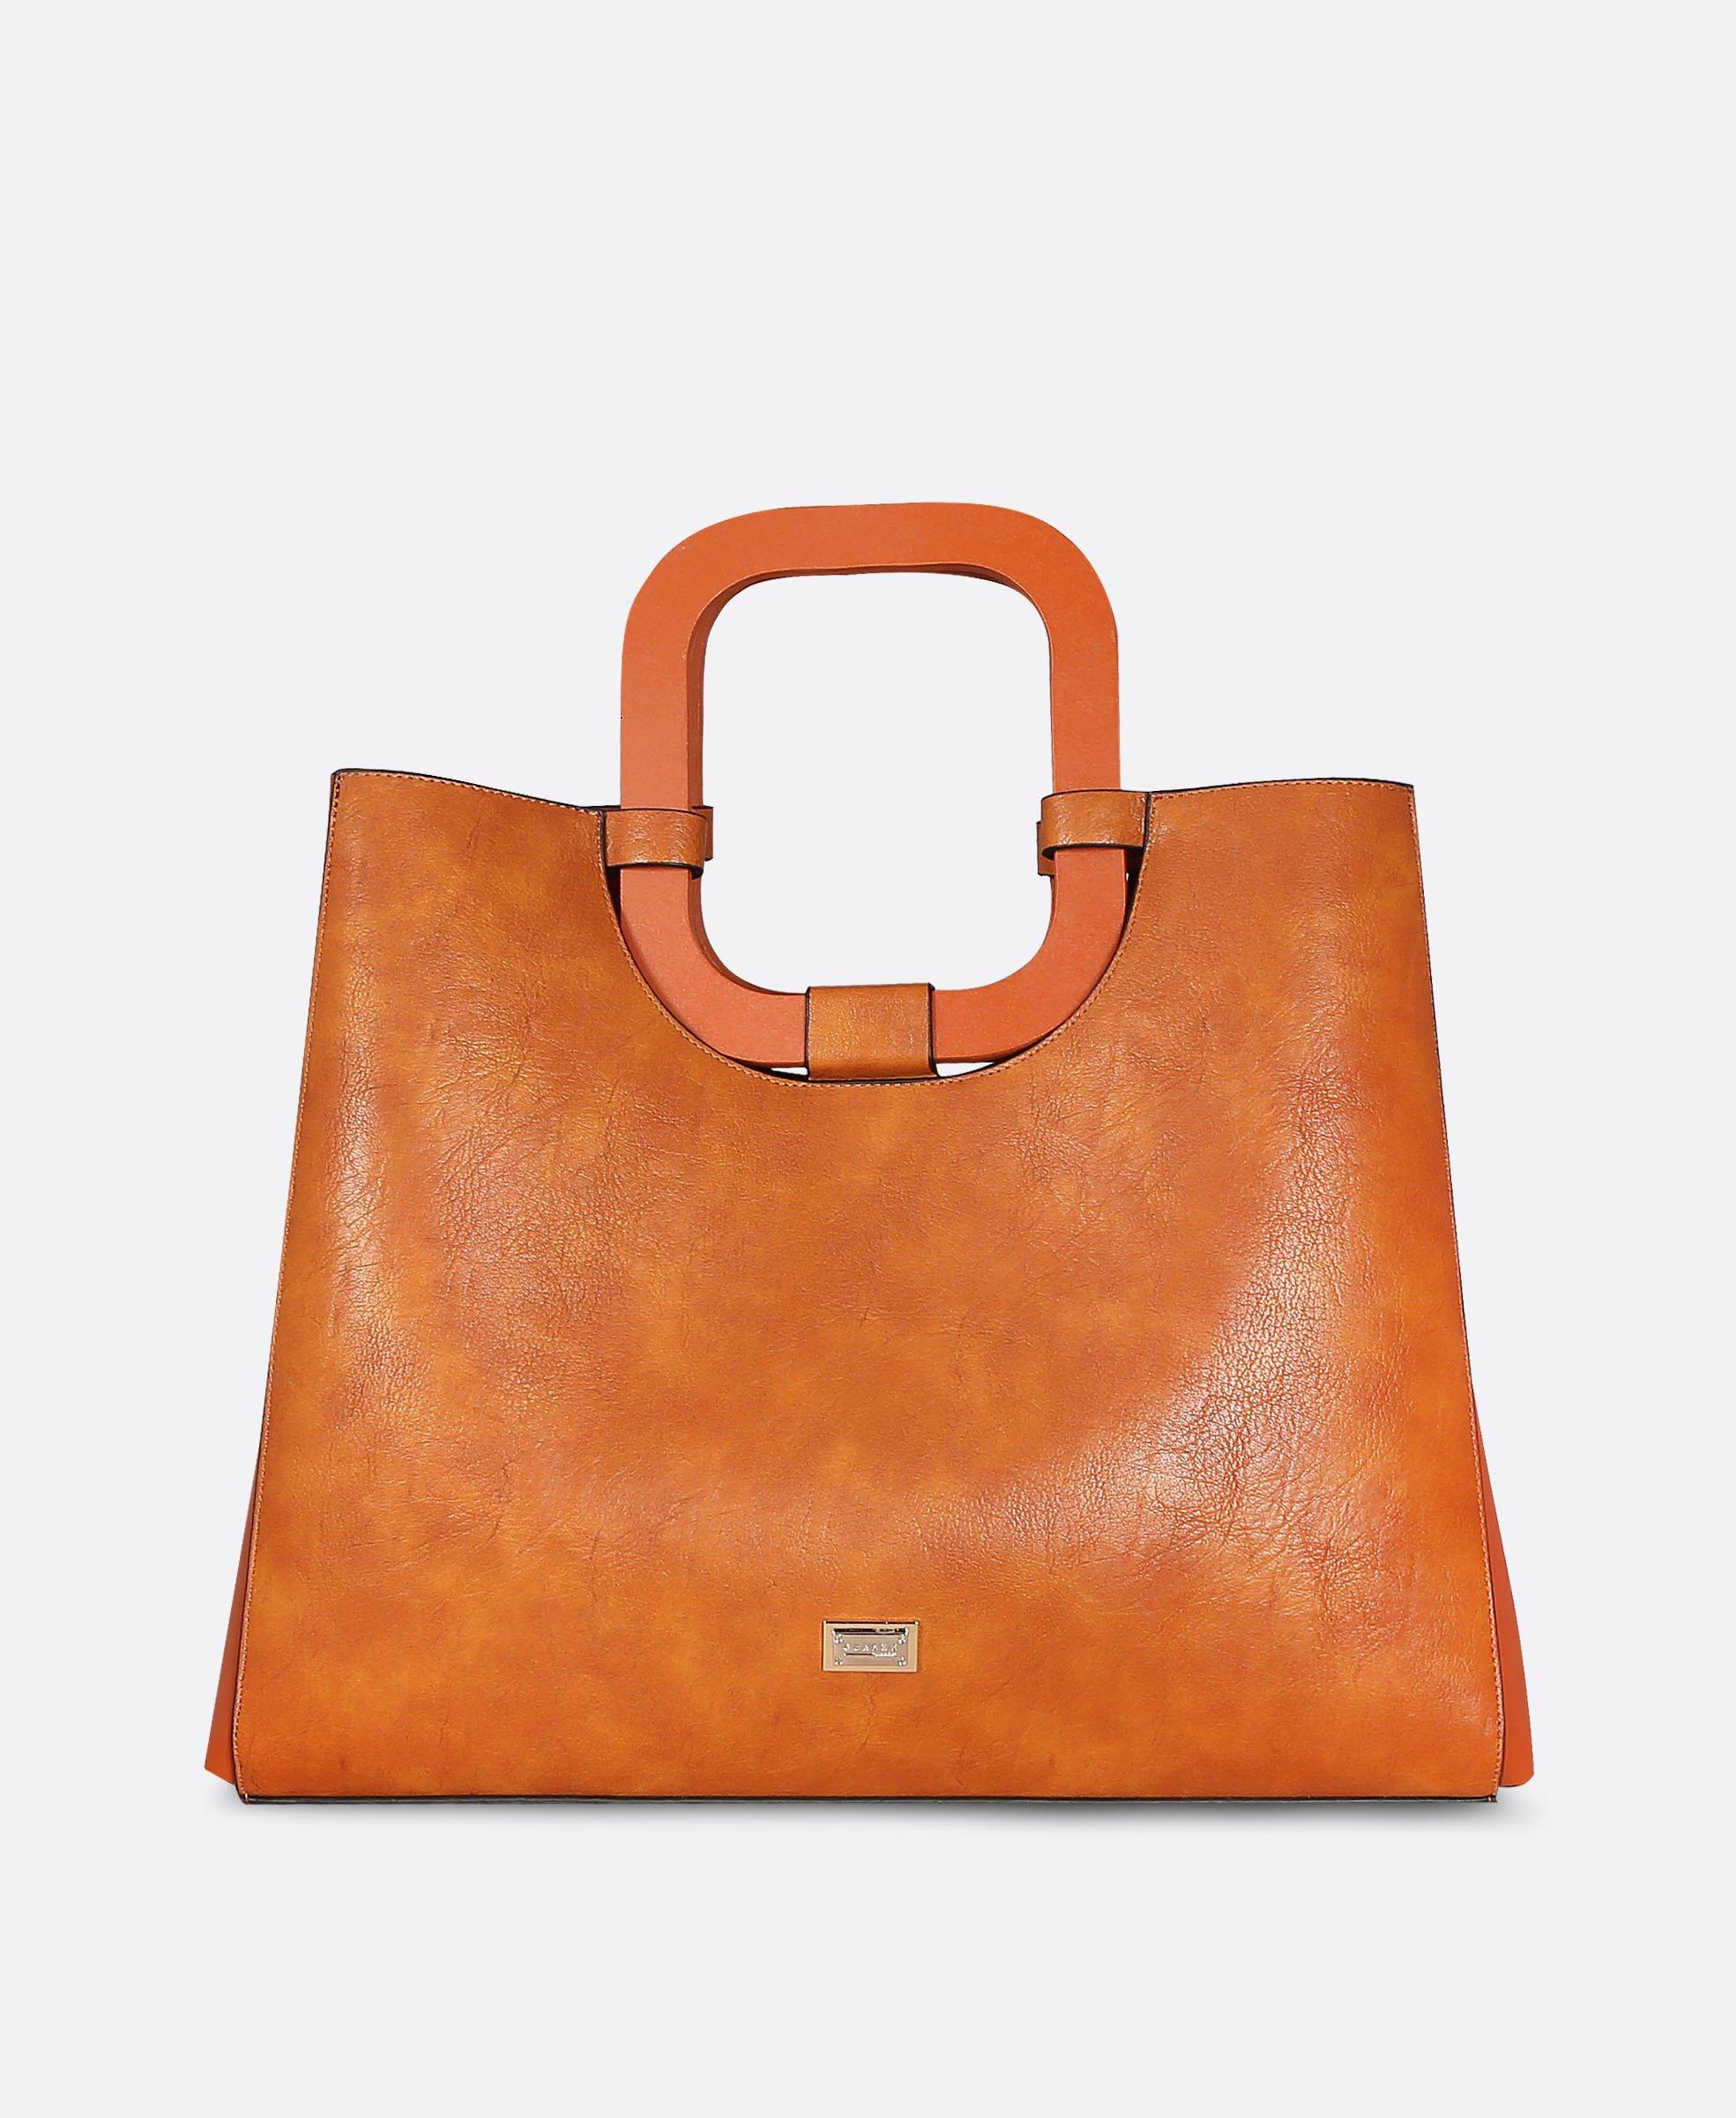 کیف زنانه دسته چوبی 2337